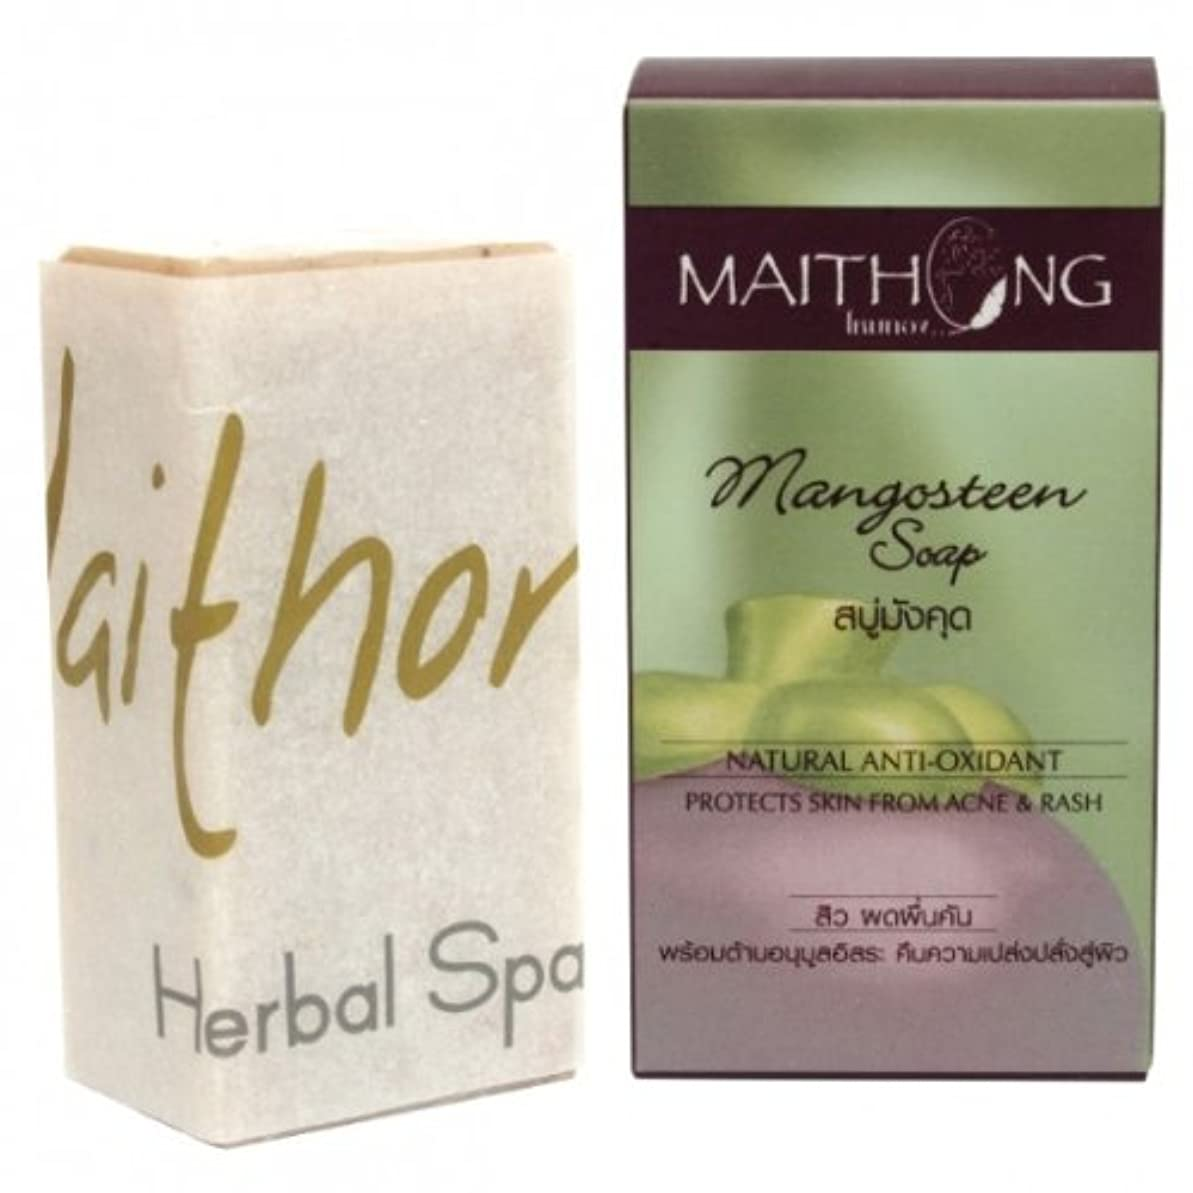 やさしく暗い断言する滑らかで芳醇な香りが広がる マンゴスチン石鹸 お得な3個セット 老舗スキンケアブランドMaithong 天然ハーブたっぷり配合 海外直送